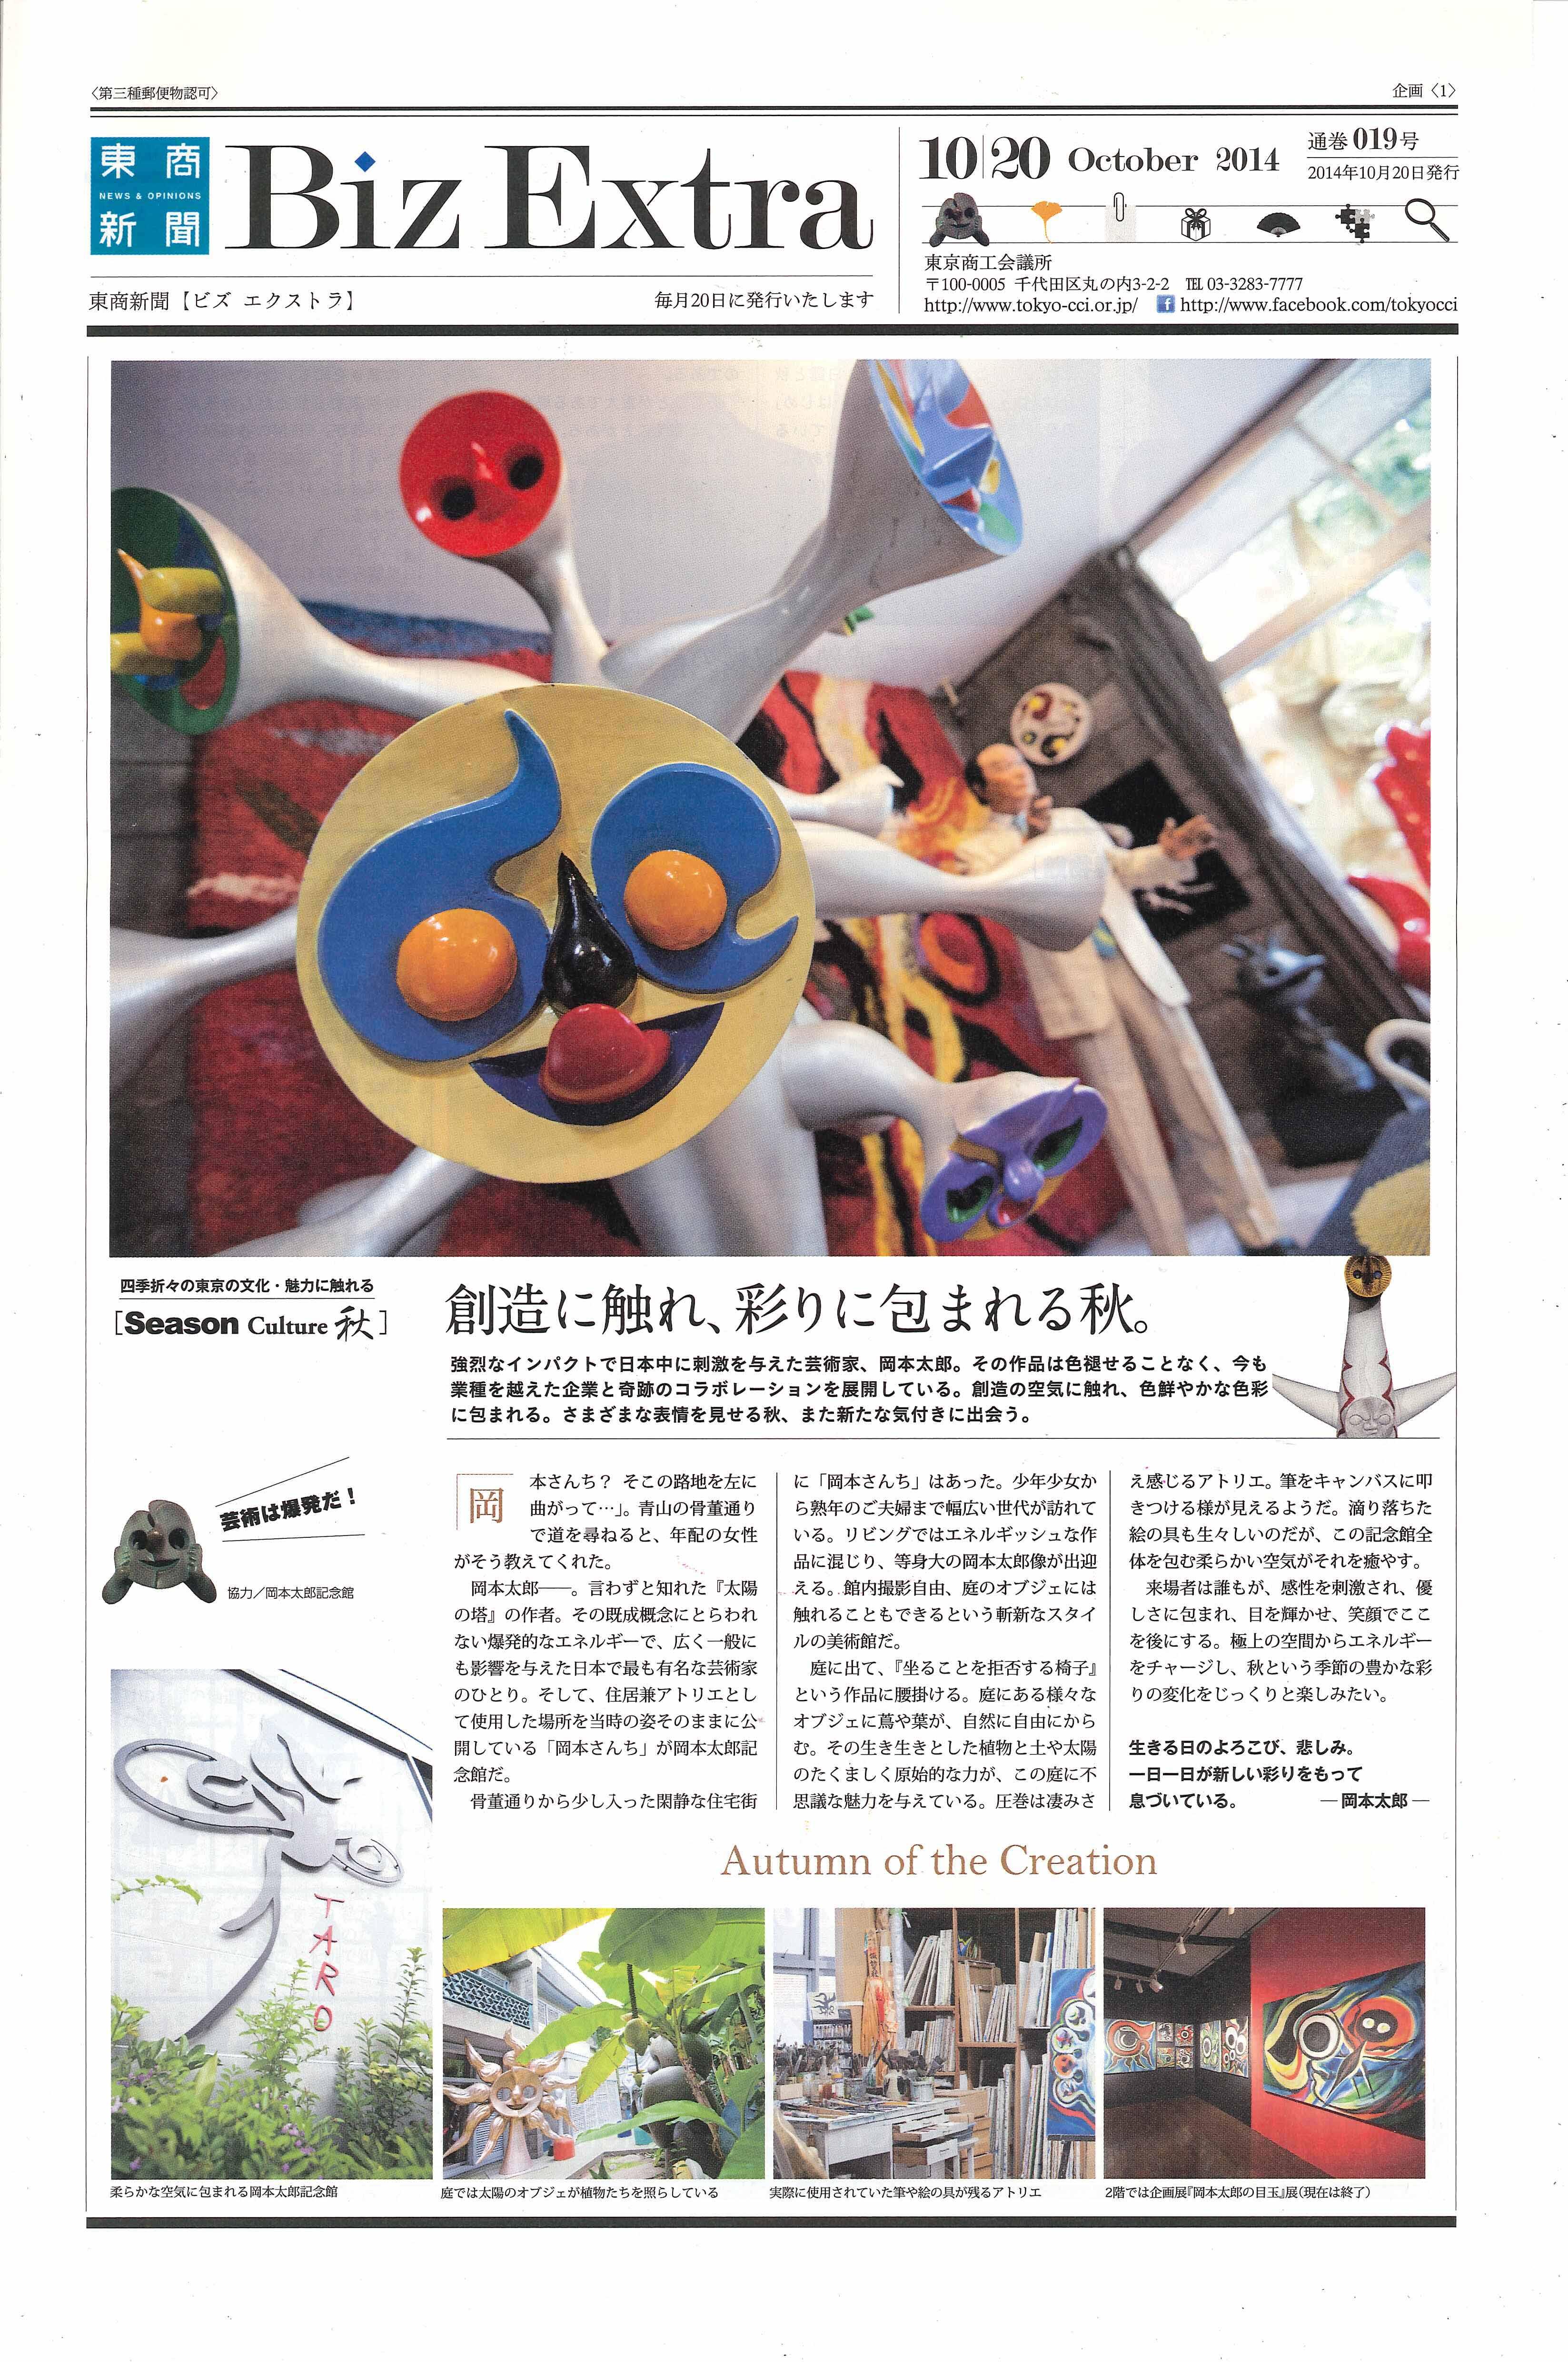 「東商新聞 Biz Extra」 October 2014 通巻019号